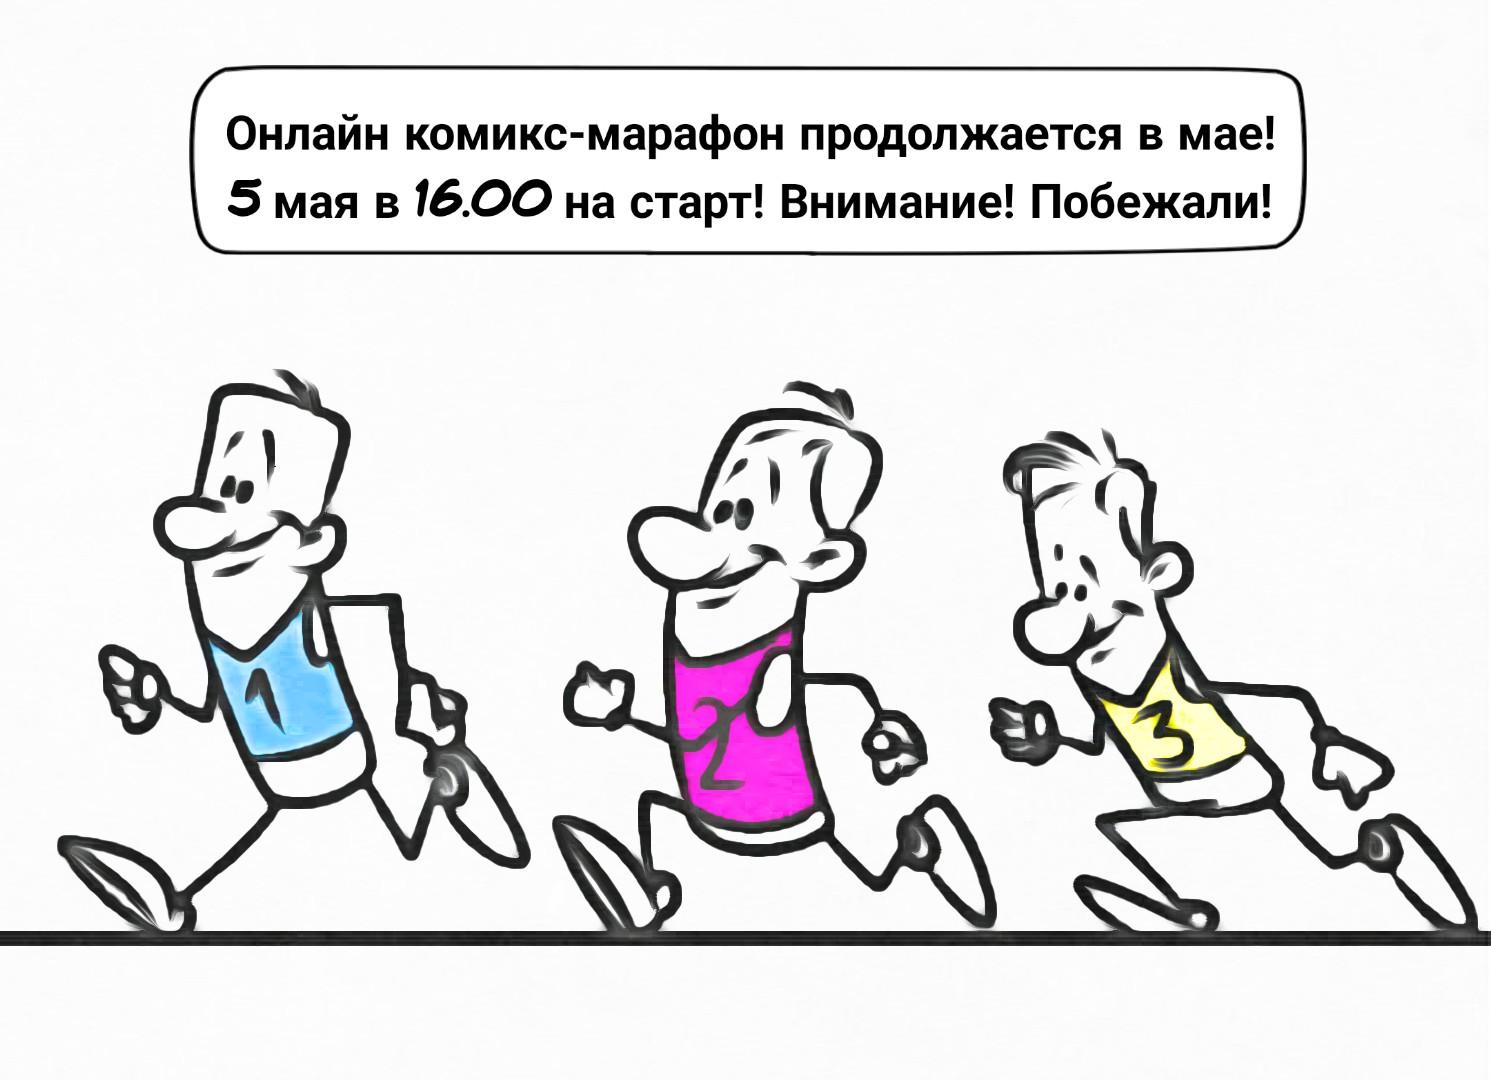 Онлайн комикс-марафон продолжается в мае